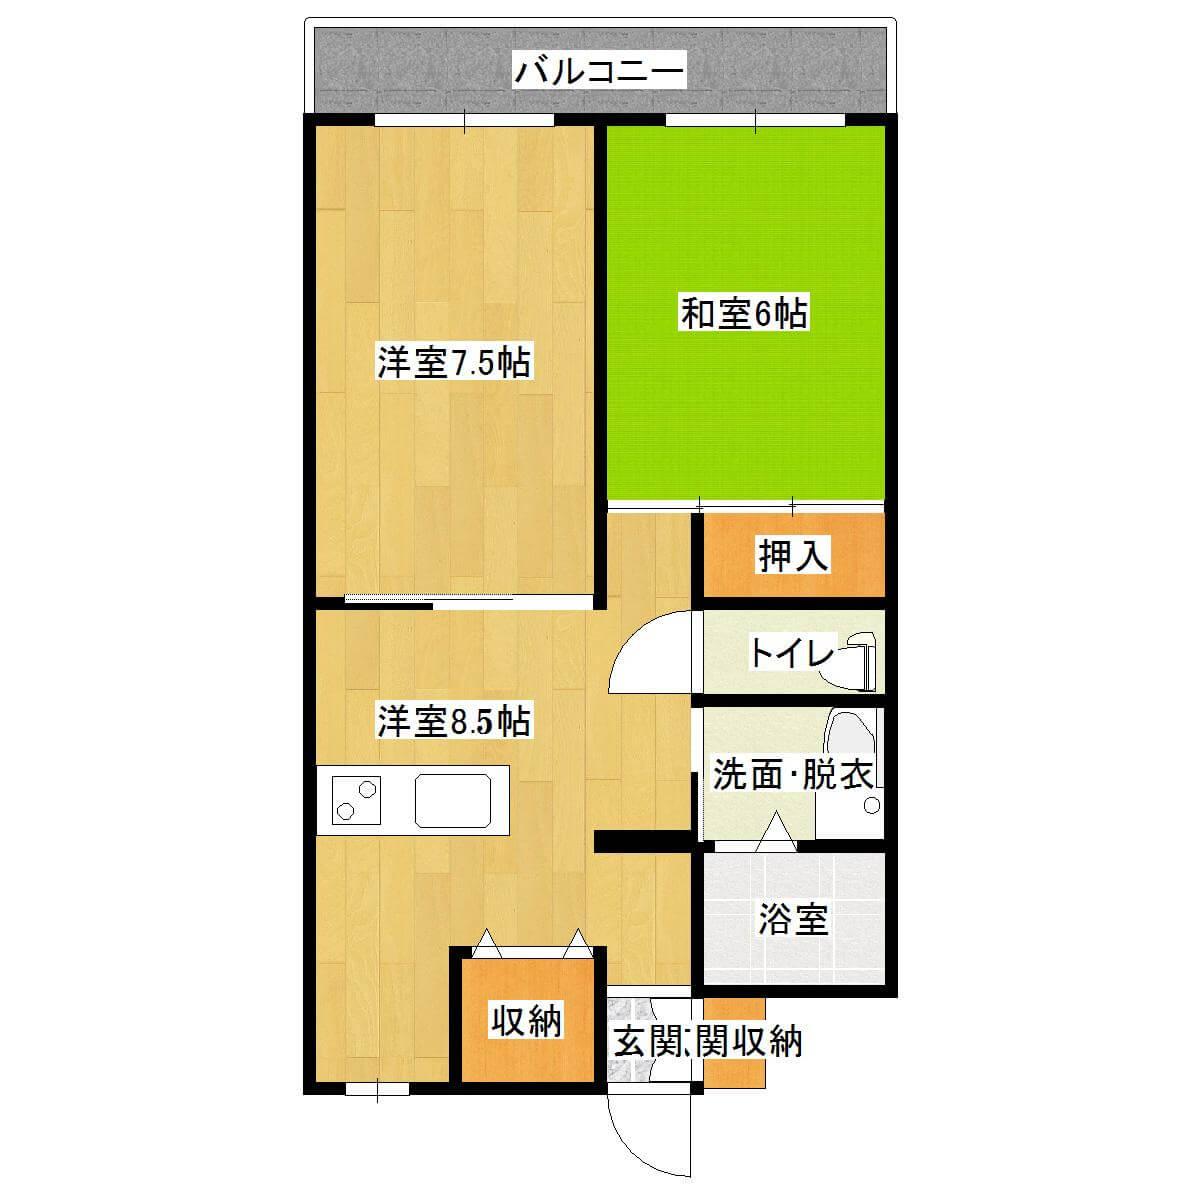 メゾン京町 101号室の間取り図